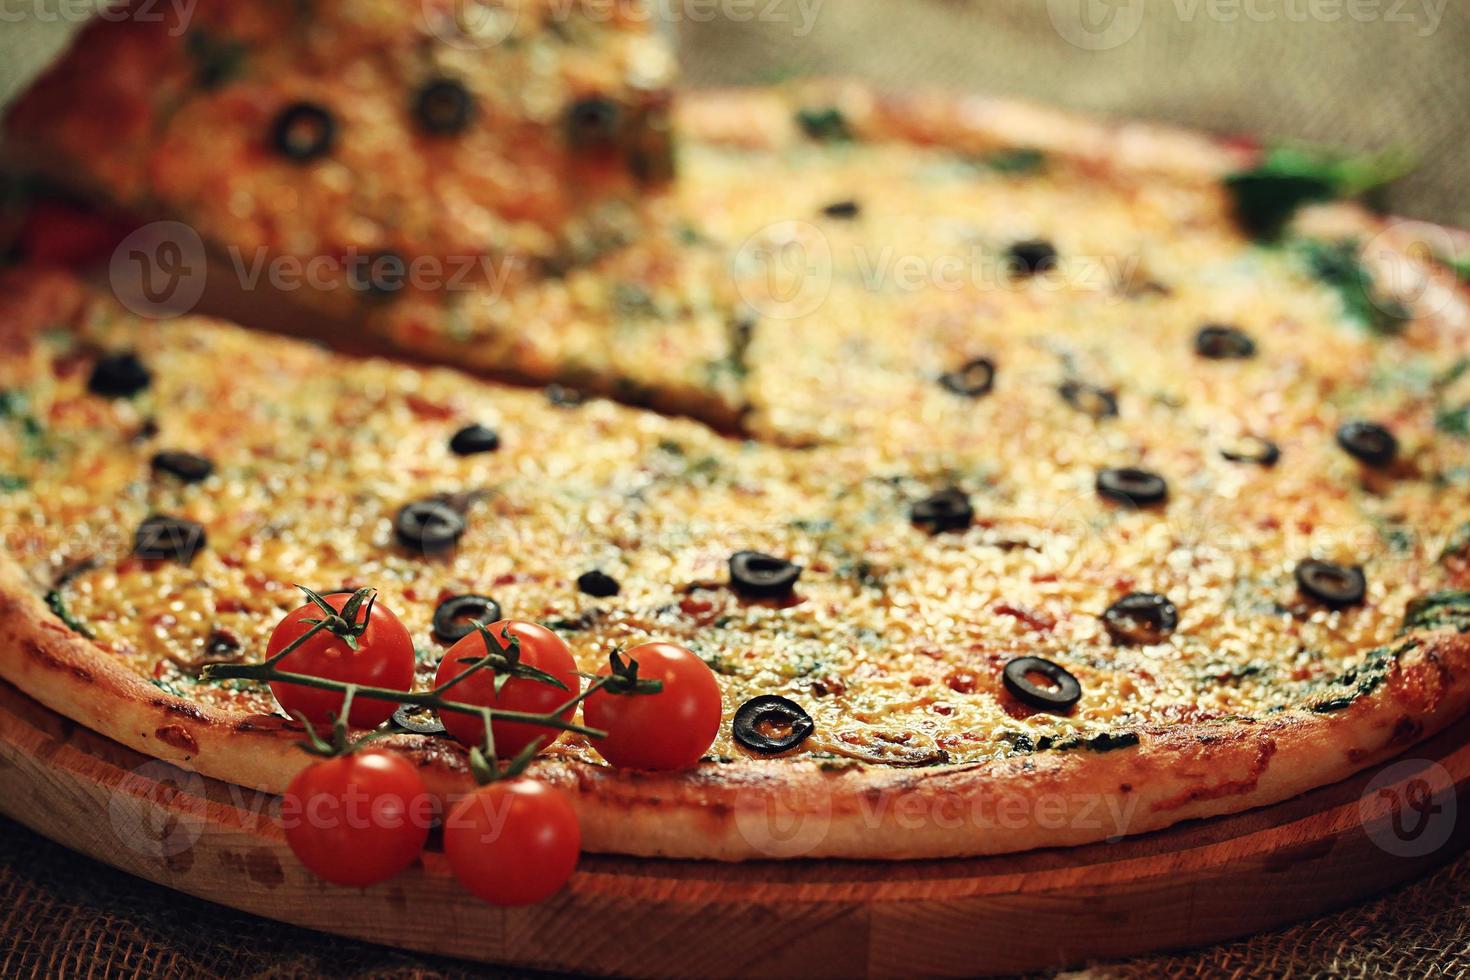 pizza com uma fatia cortada, deliciosos bolos foto